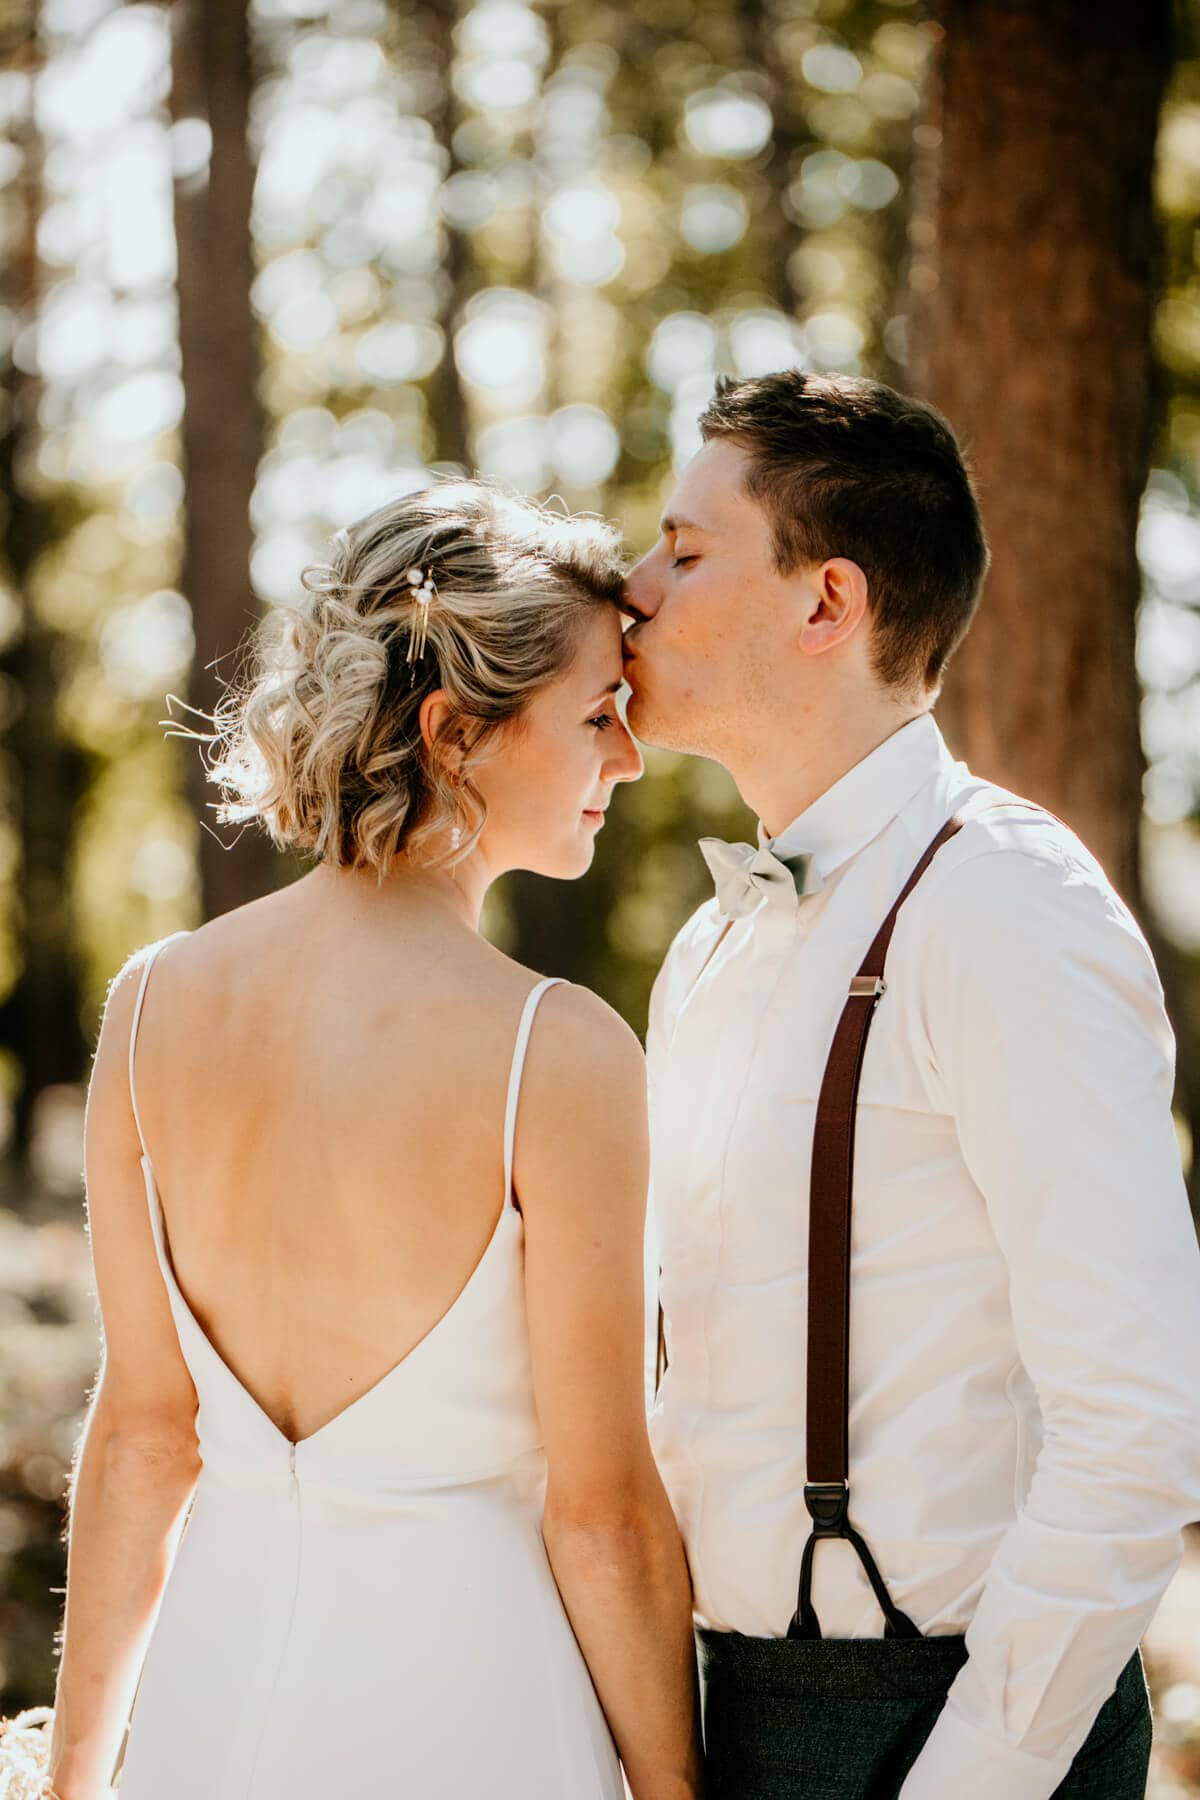 Stijlvolle minimalistische bruiloft